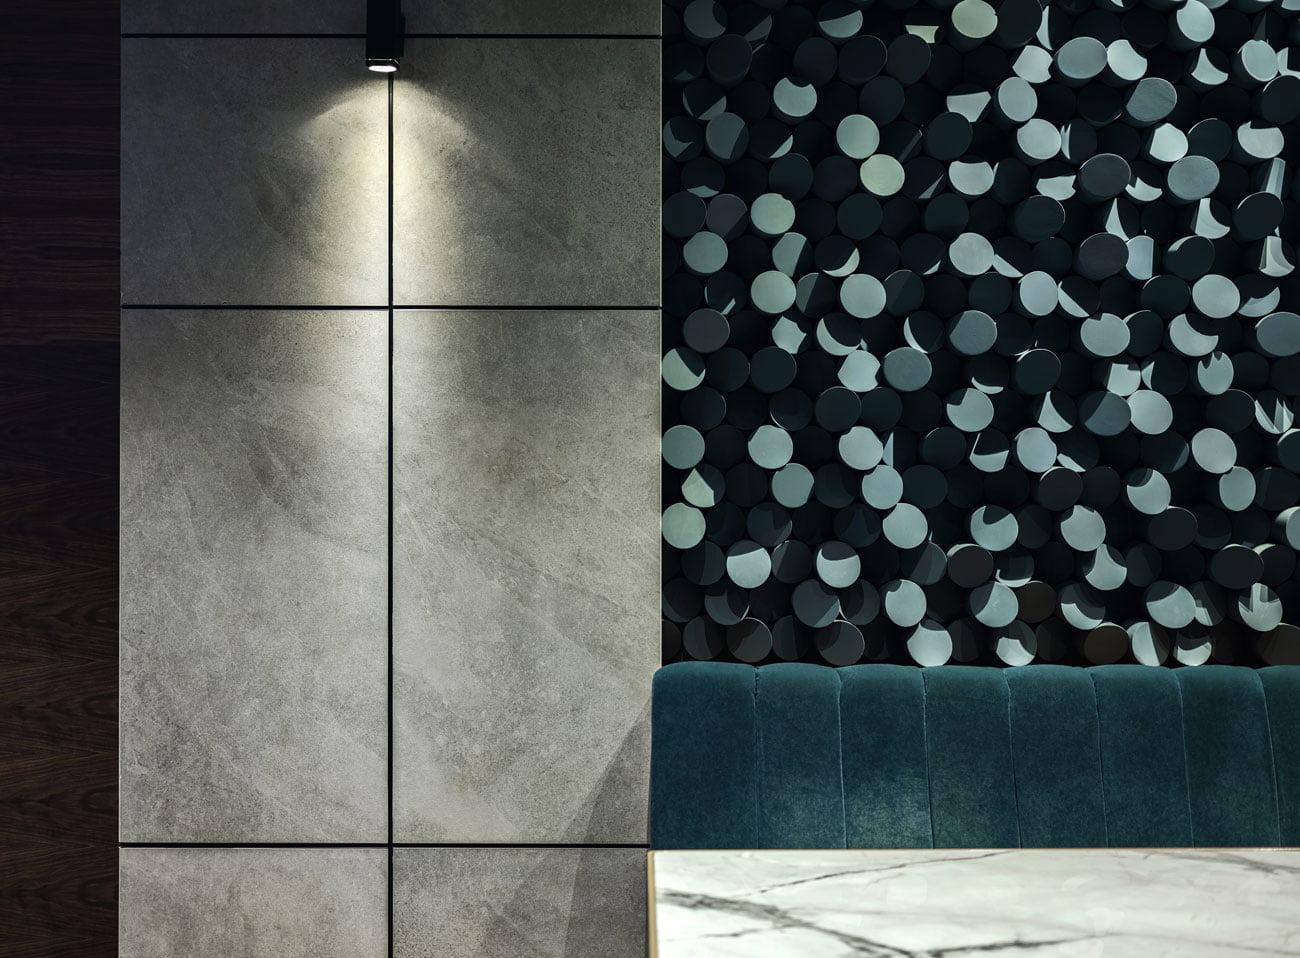 фото селфи стены декорированной живыми растениями с мягким диваном для отдыха